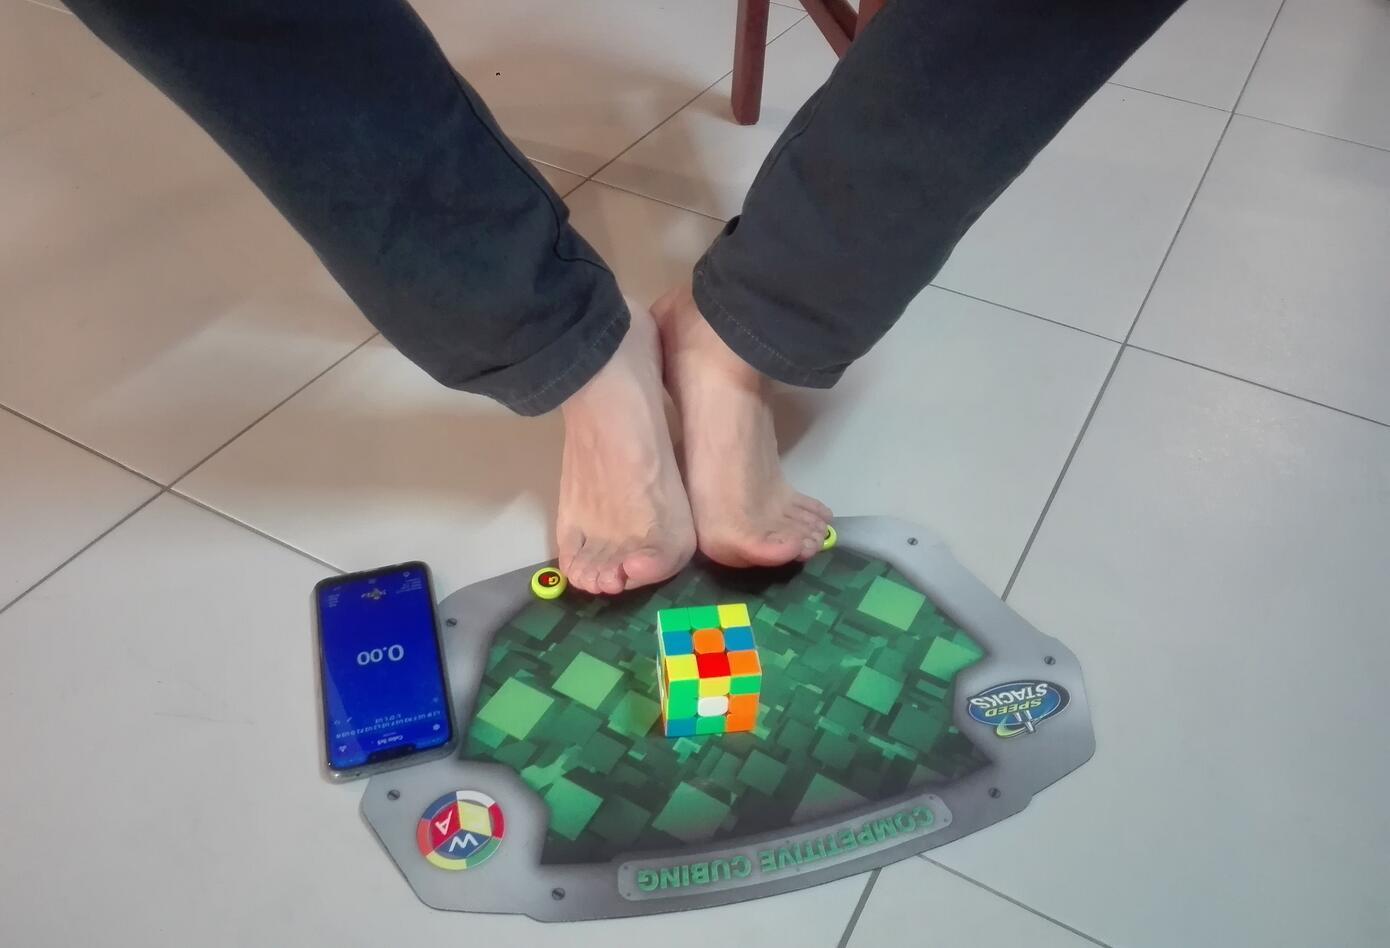 Una de las categorías del Speedcubing es armar el cubo con los pies